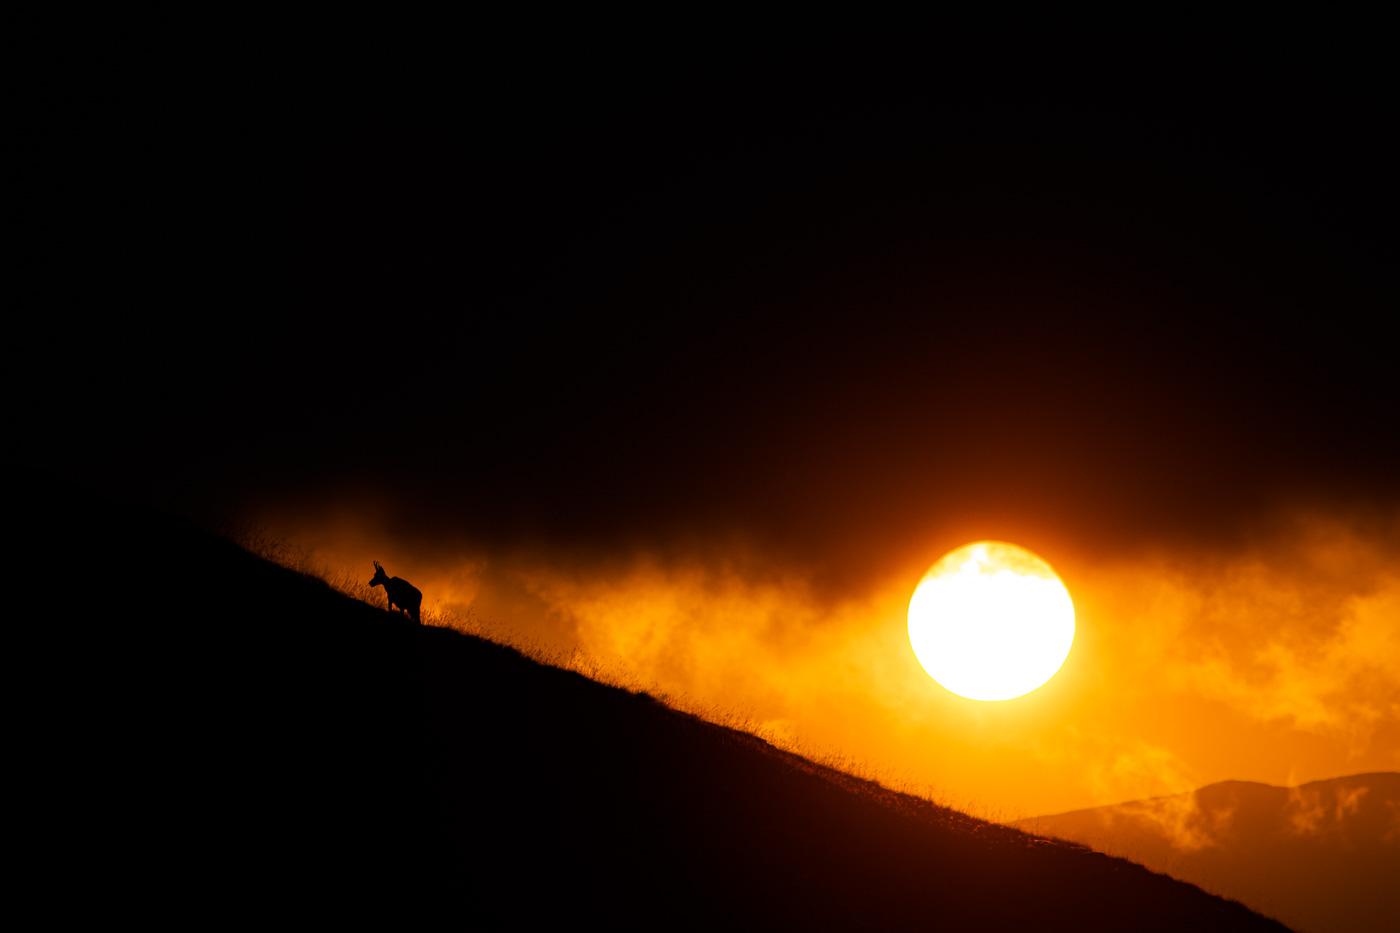 Isard al Tres Pics - Fotografies de paisatges - Raül Carmona - Fotografia, Fotografia d'estudi, esdeveniments i Natura